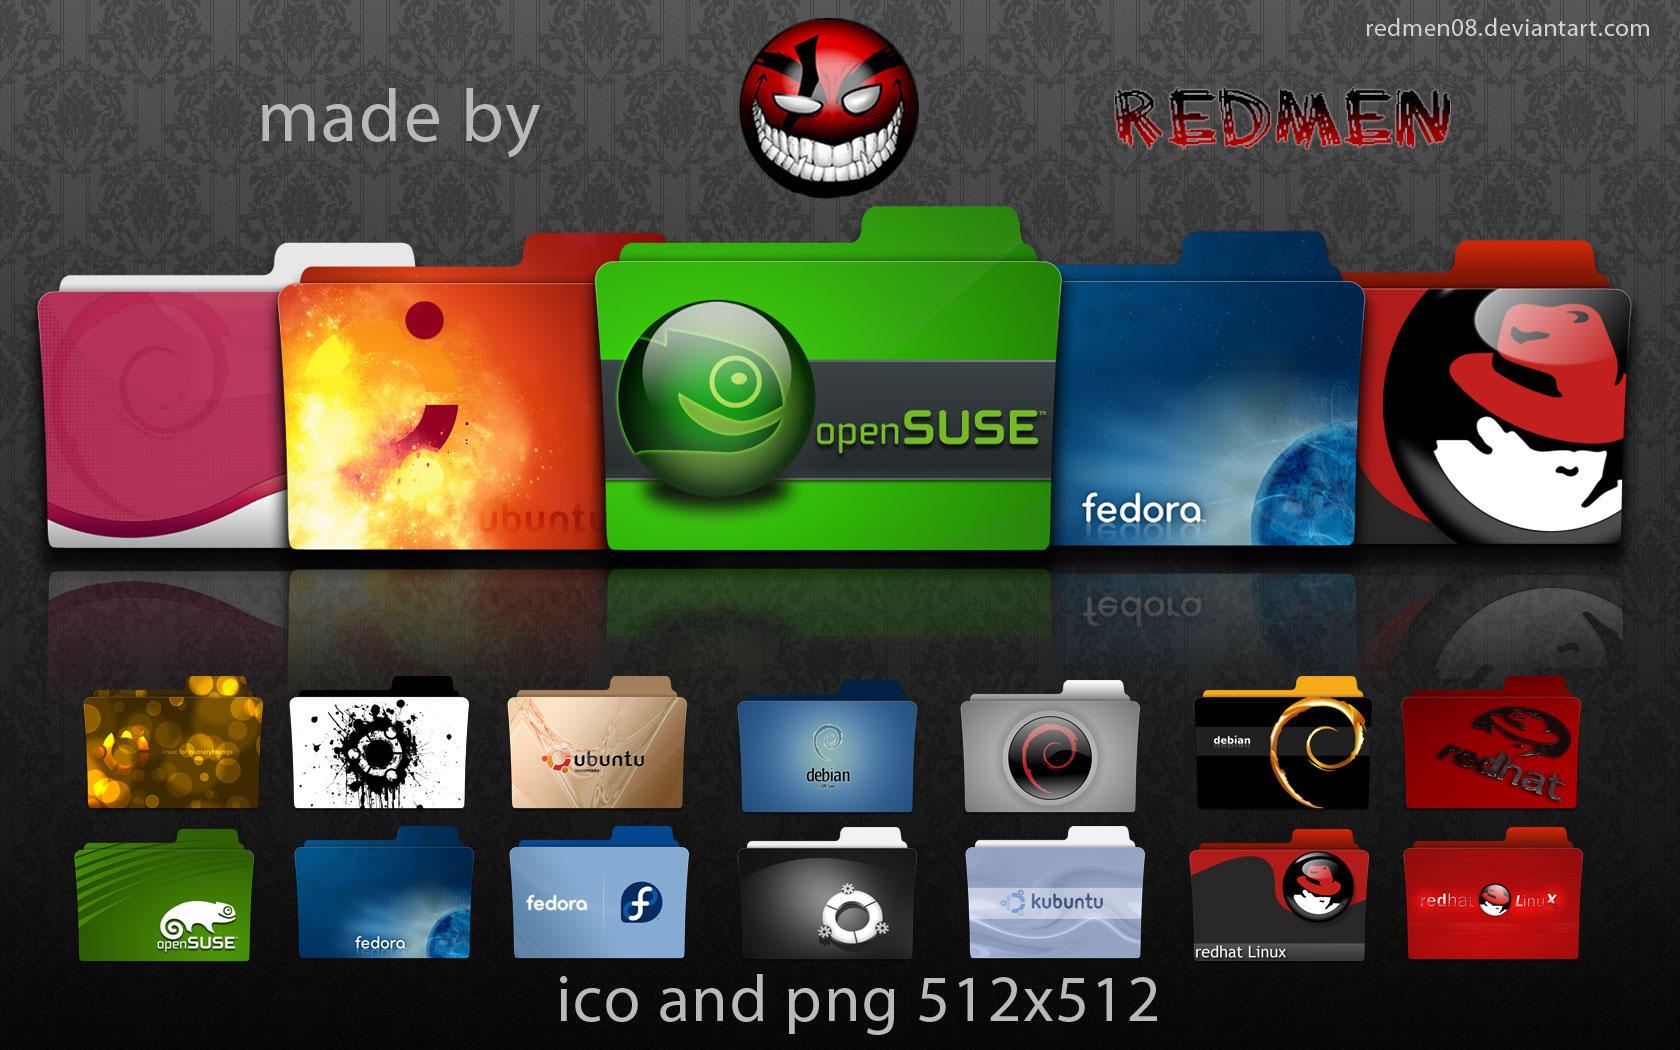 Linux distr part 1 by redmen08